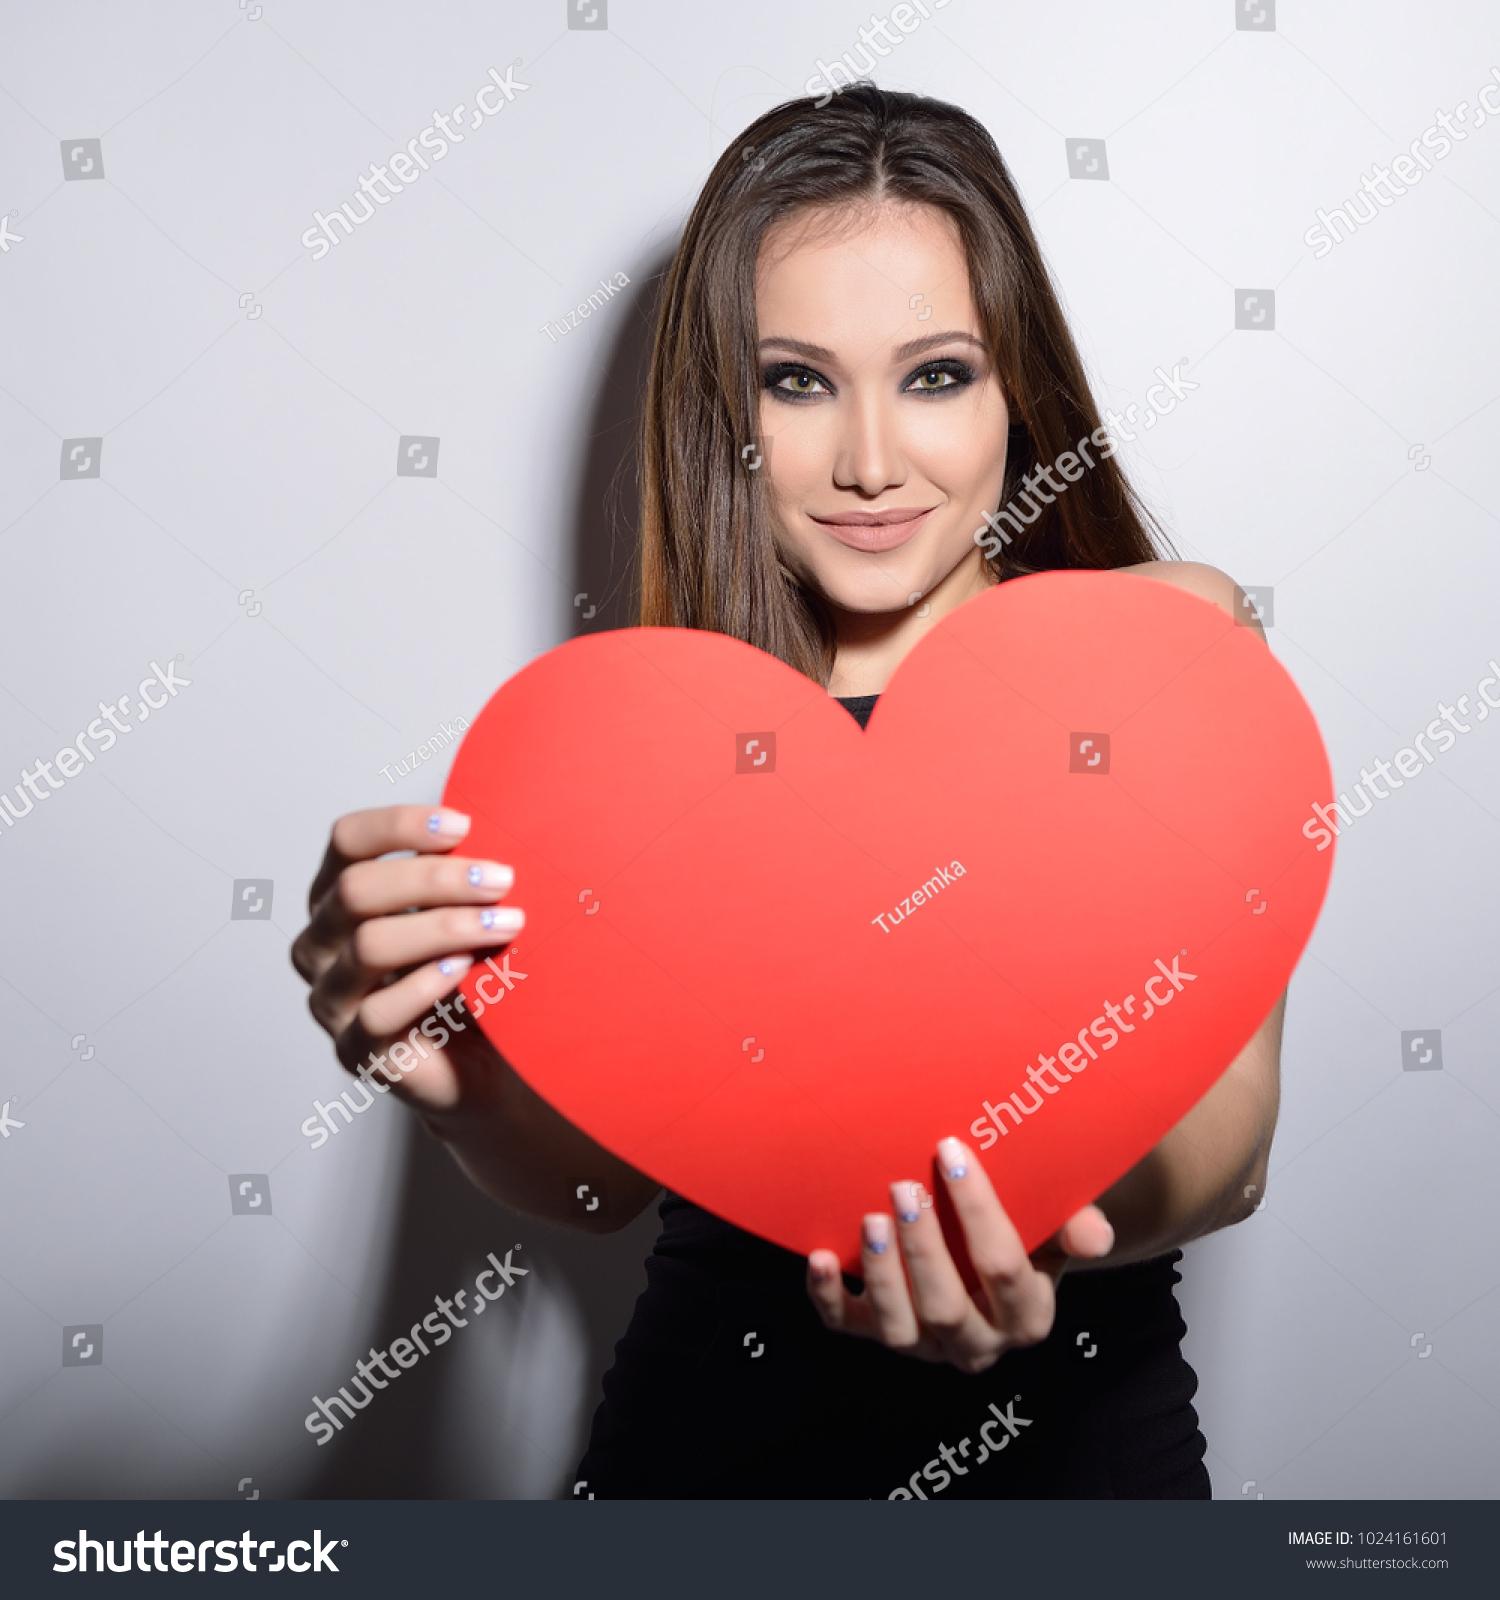 Heartbreaker woman